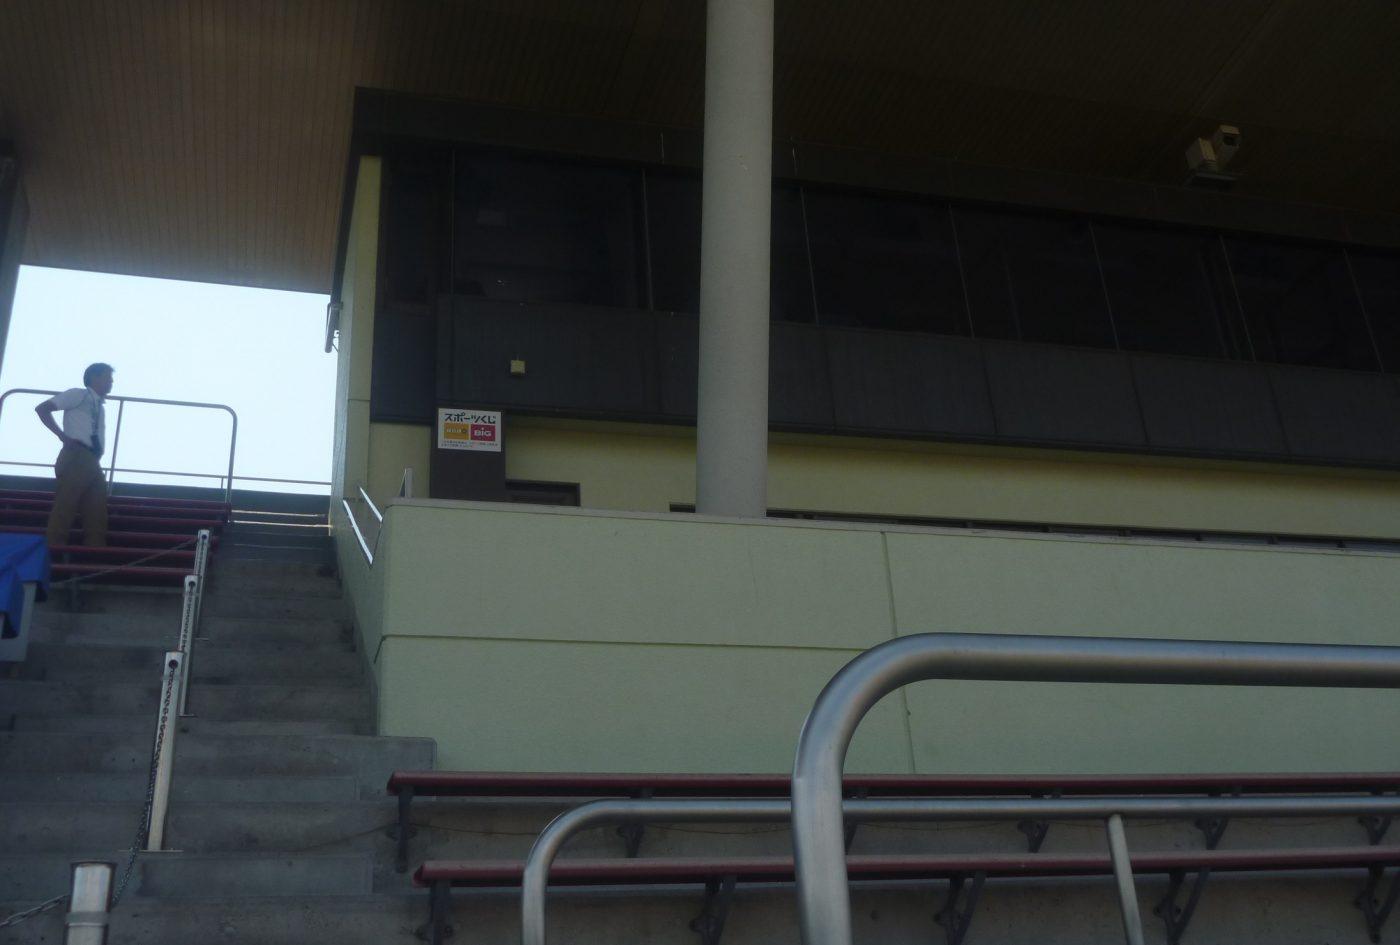 スポーツくじロゴマーク等看板表示の写真2